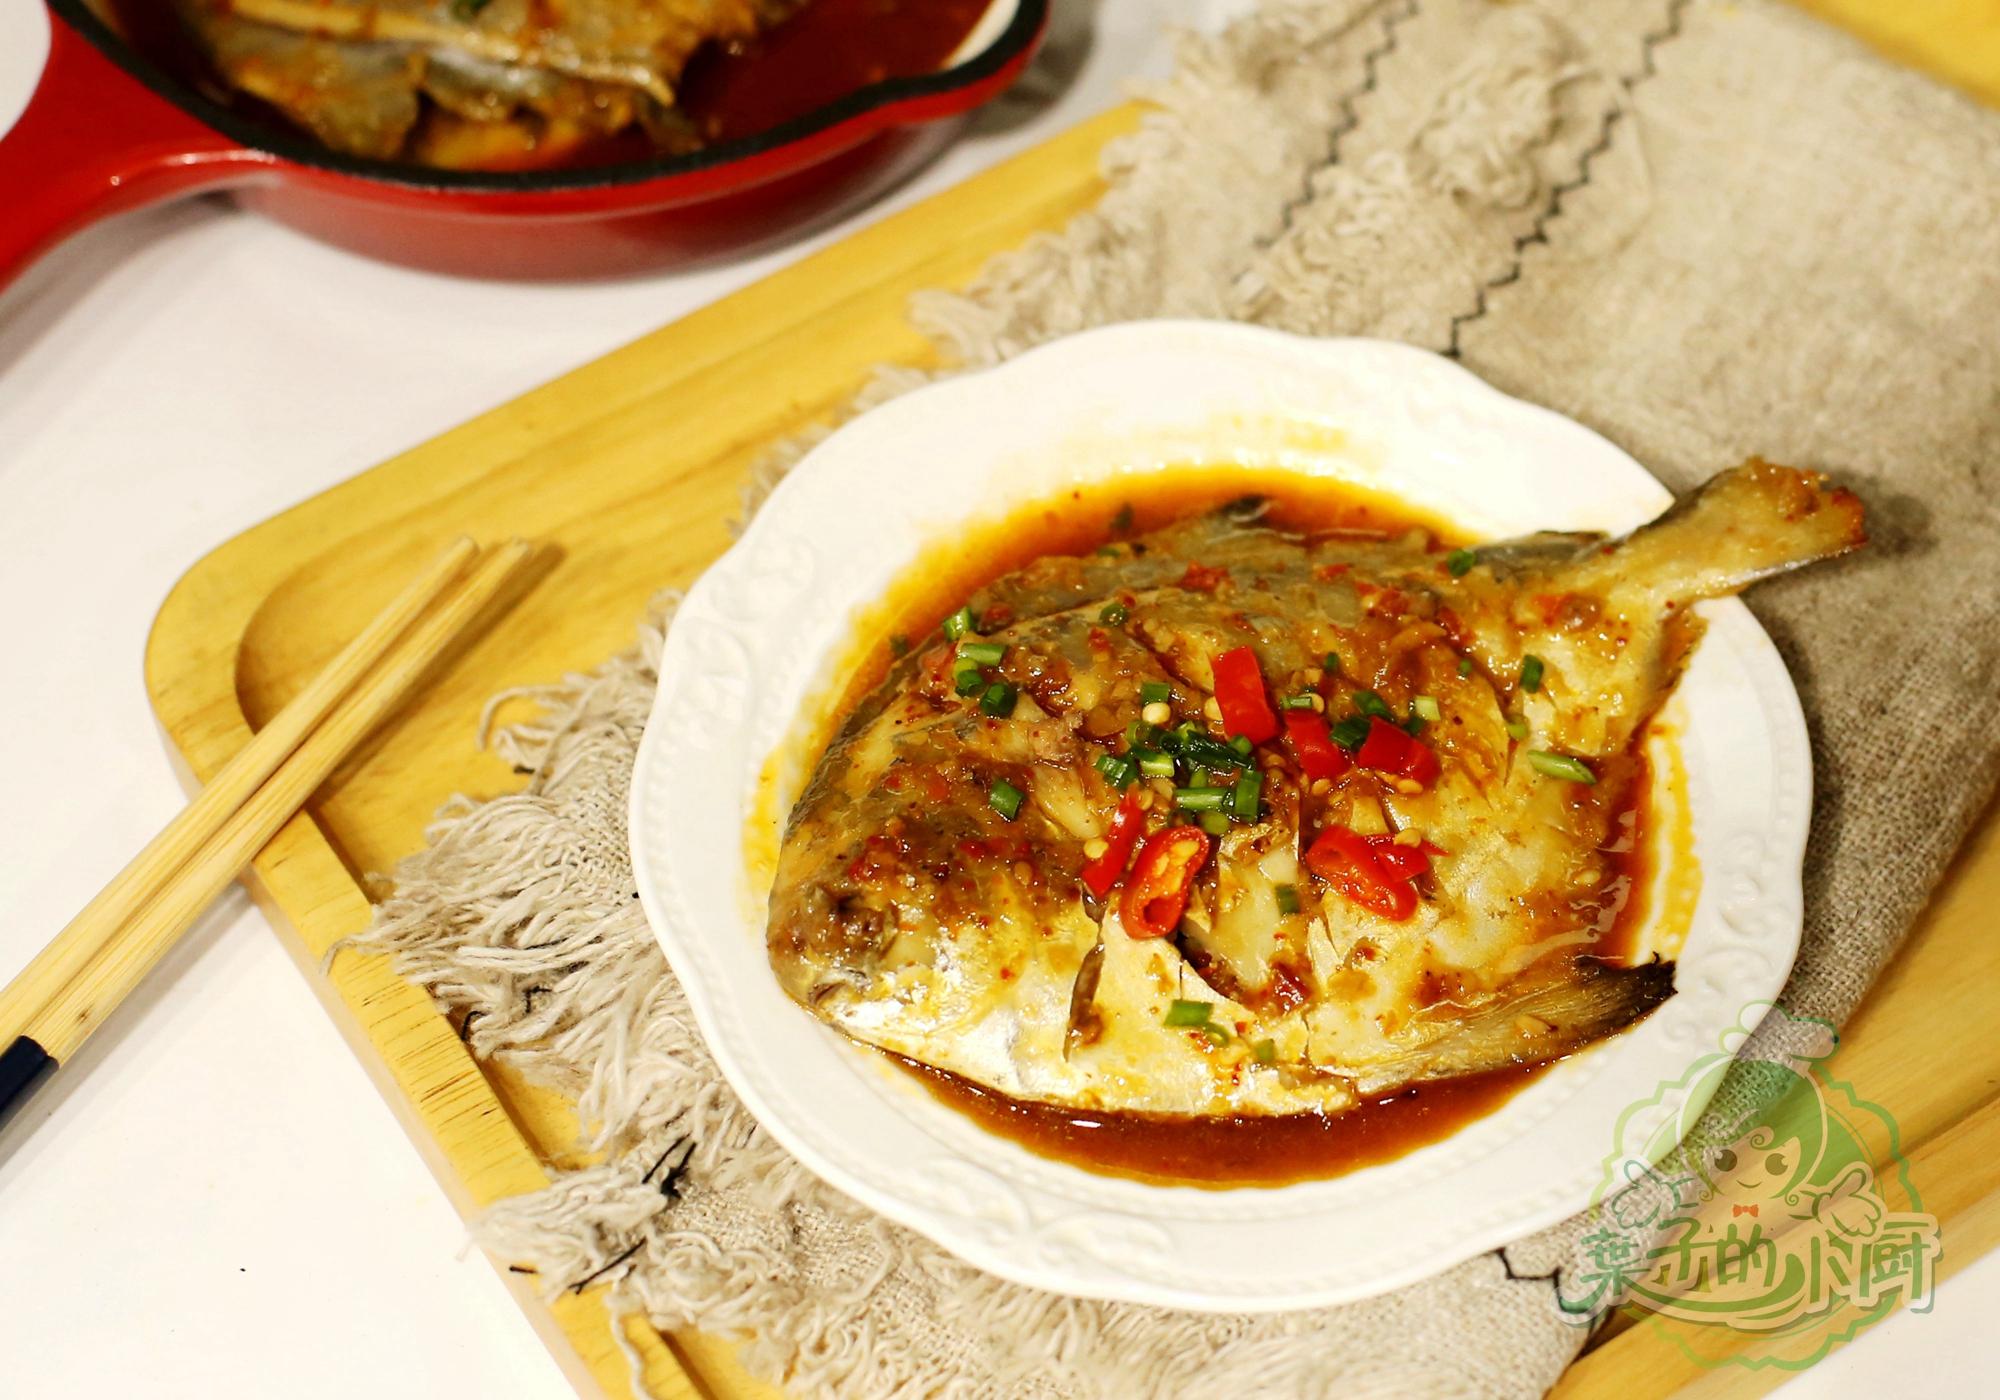 不管做什么鱼,一招就好吃!海鱼也无腥!汤汁拌了一大碗面,超棒